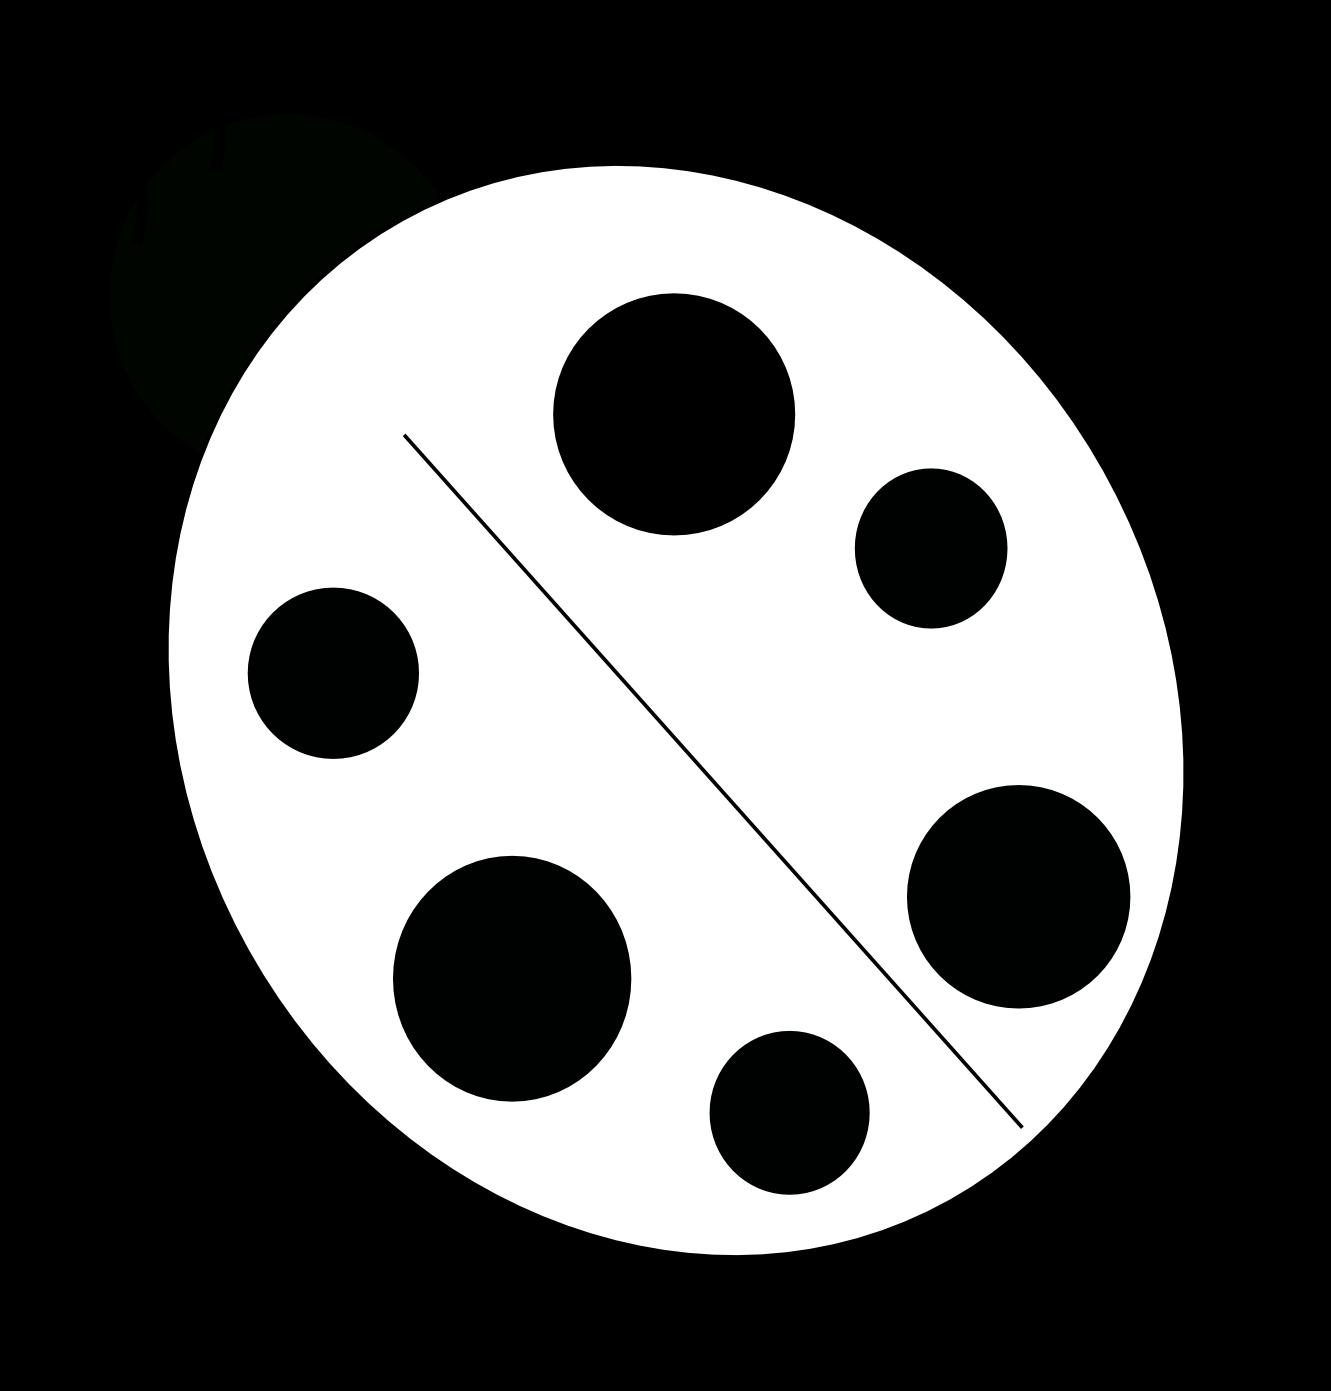 Black And White Ladybug Clipart Panda Free Clipart Images Free Clip Art Ladybug Art Clip Art